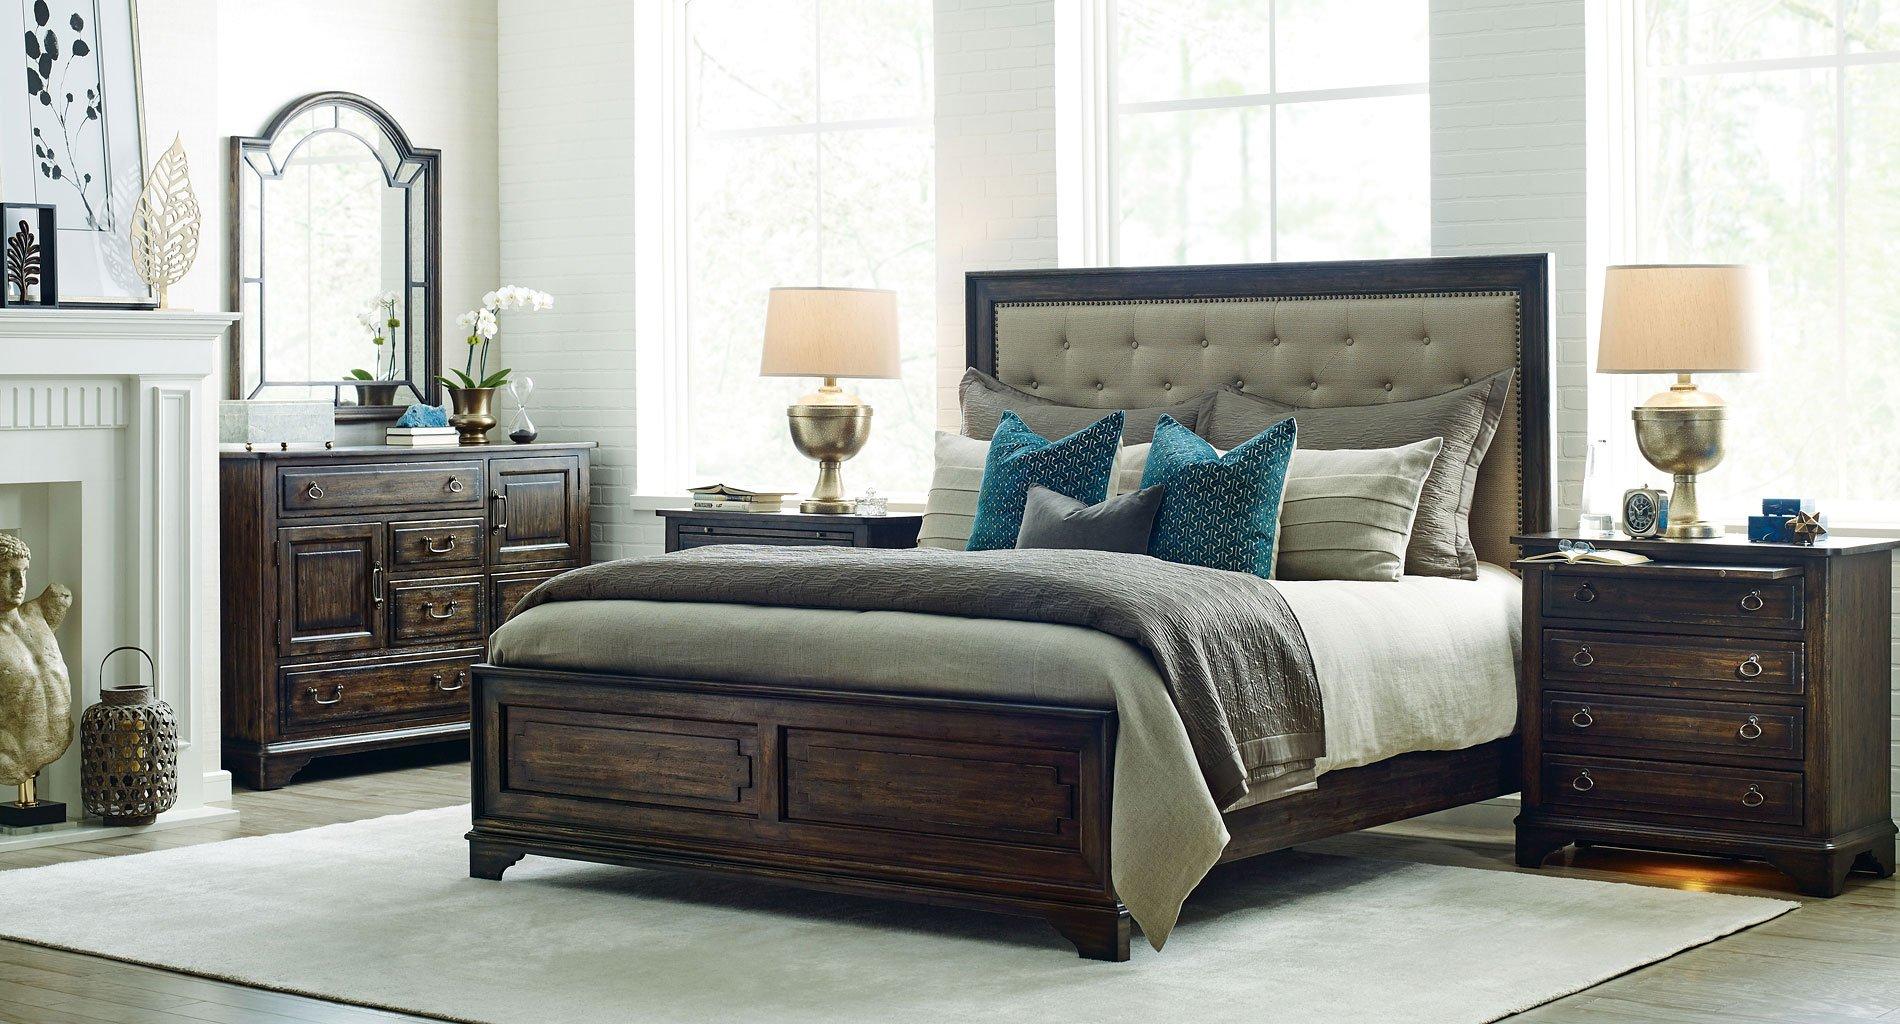 06870499ea4b9b Wildfire Tweed Panel Bedroom Set Kincaid Furniture | Furniture Cart